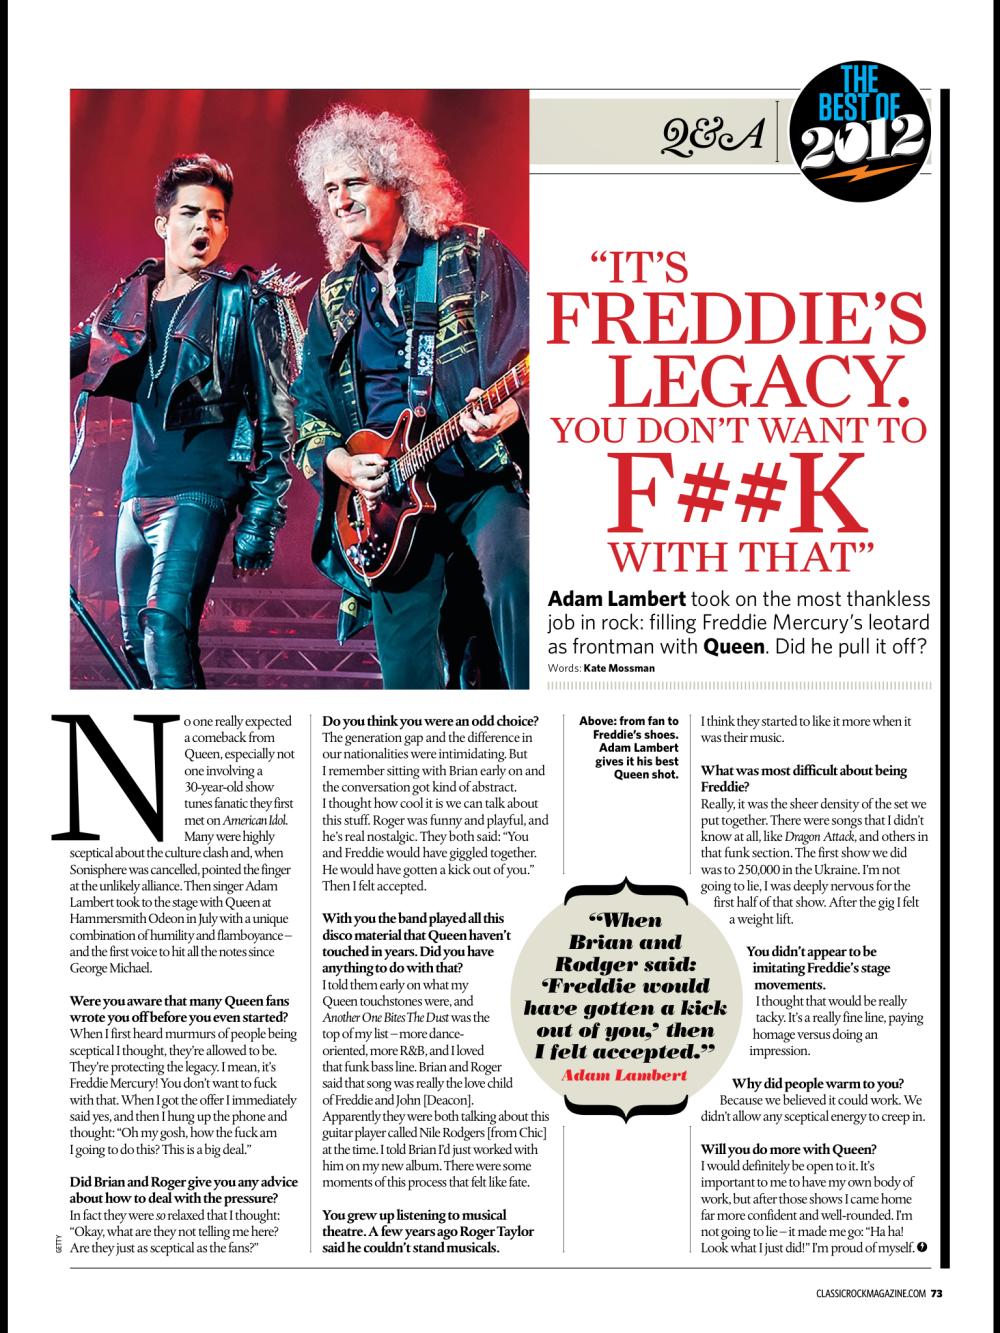 Acima: de um fã para intérprete de Freddie. Adam Lambert dá o melhor de si para o Queen.